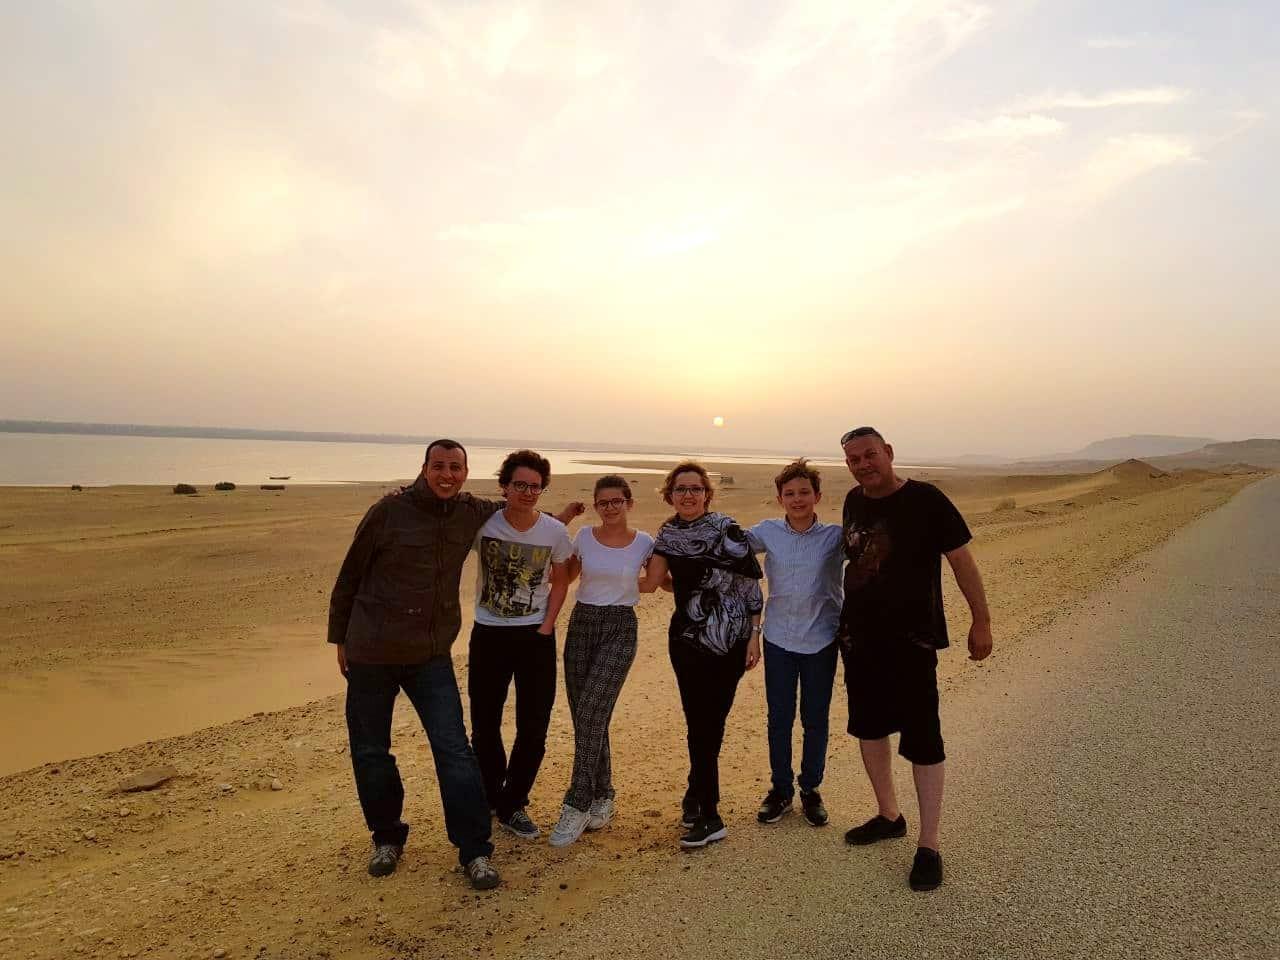 Oasis Fayoum et nuit en bivouac